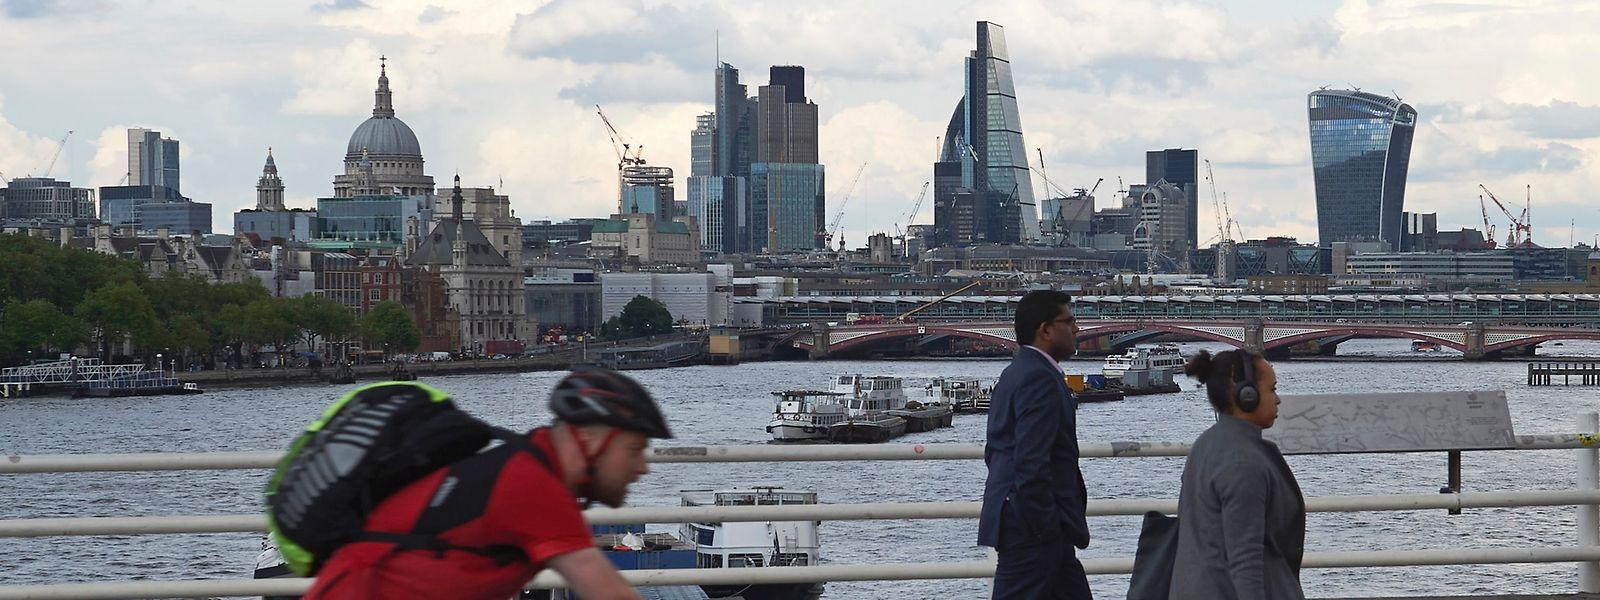 Blick von der Waterloo-Bridge auf die Skyline des Londoner Finanzdistrikts.